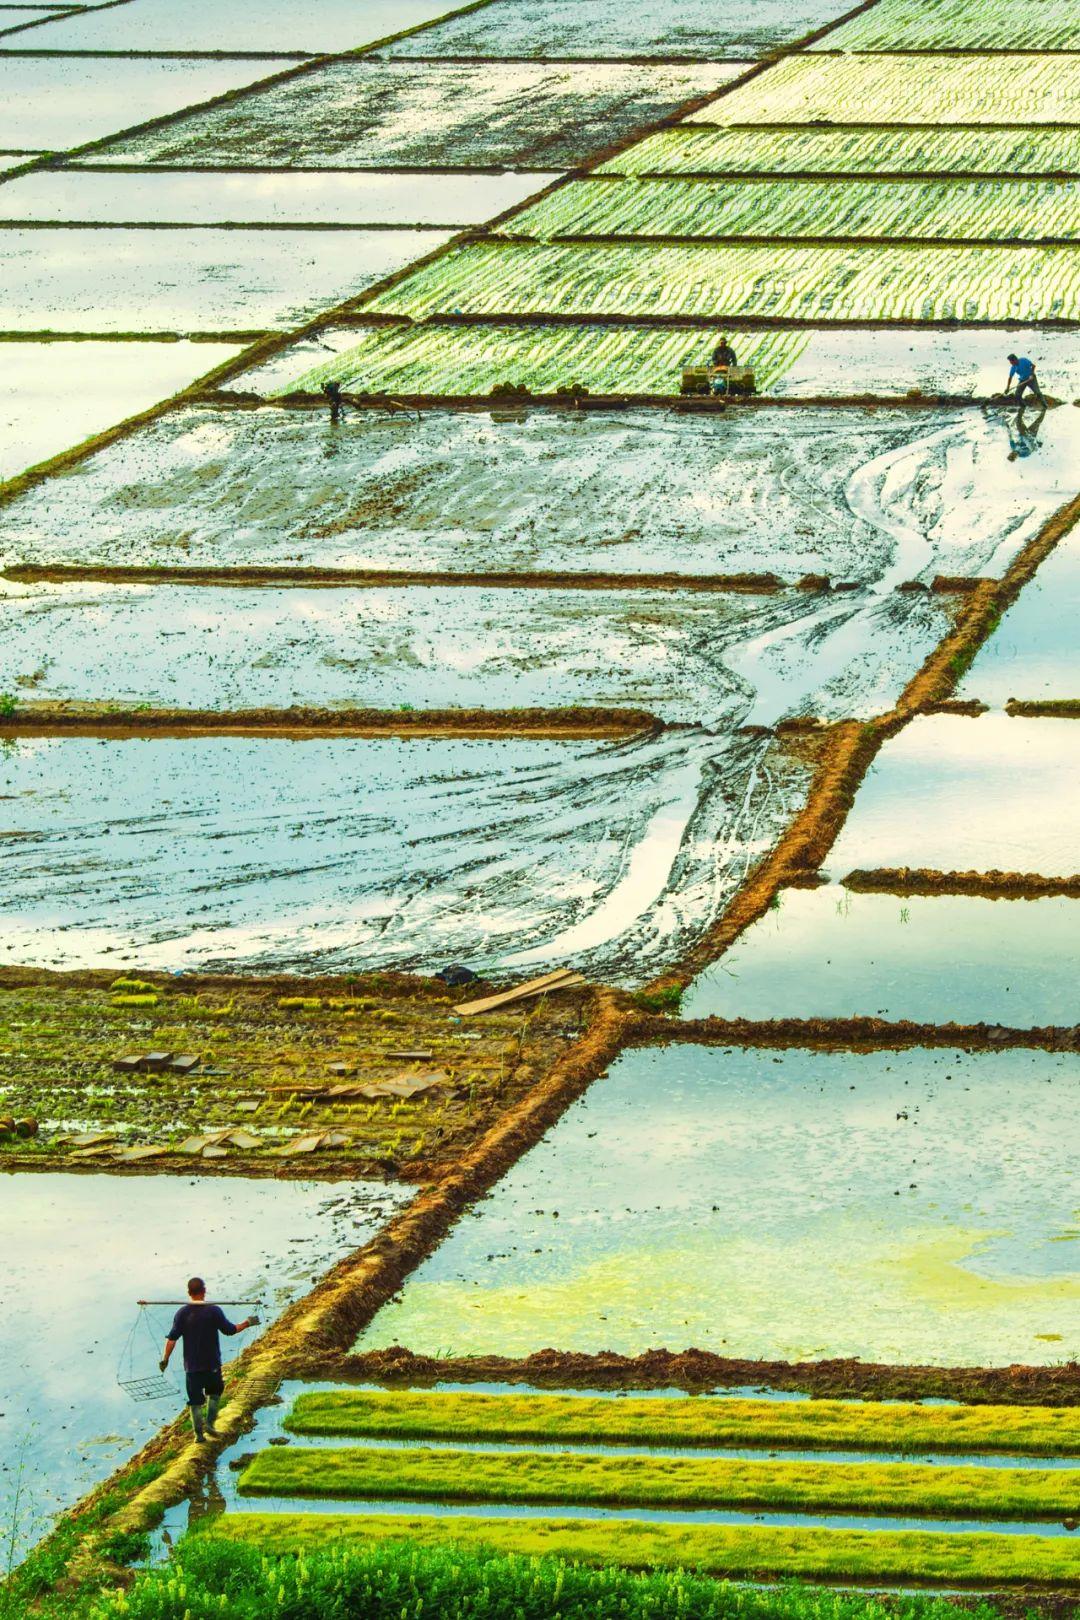 ▲ 位于察布查尔锡伯自治县的稻田,很难让人相信,这是在新疆。摄影/赖宇宁